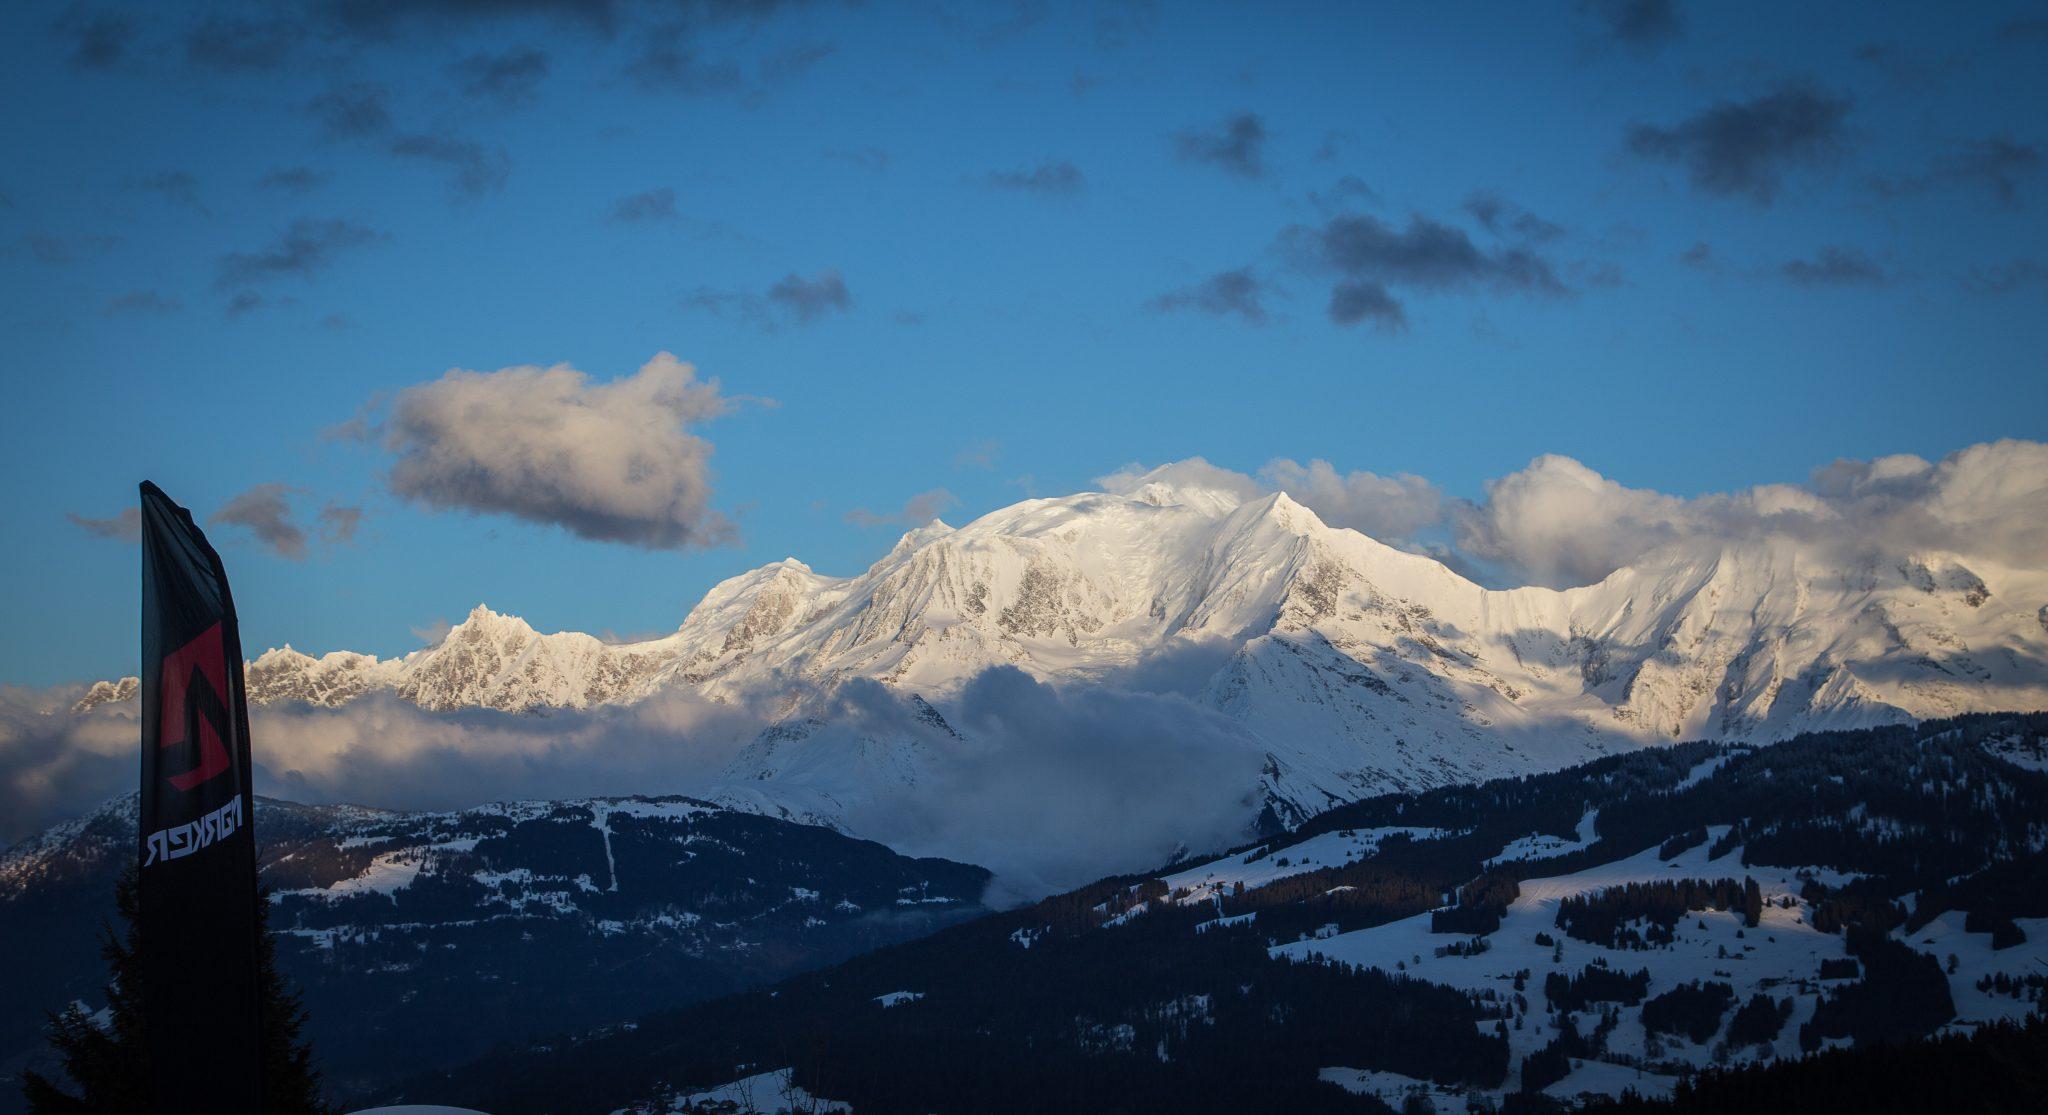 Afterwork Alpinist 2018 - Combloux-Le Mont Blanc en toile de fond